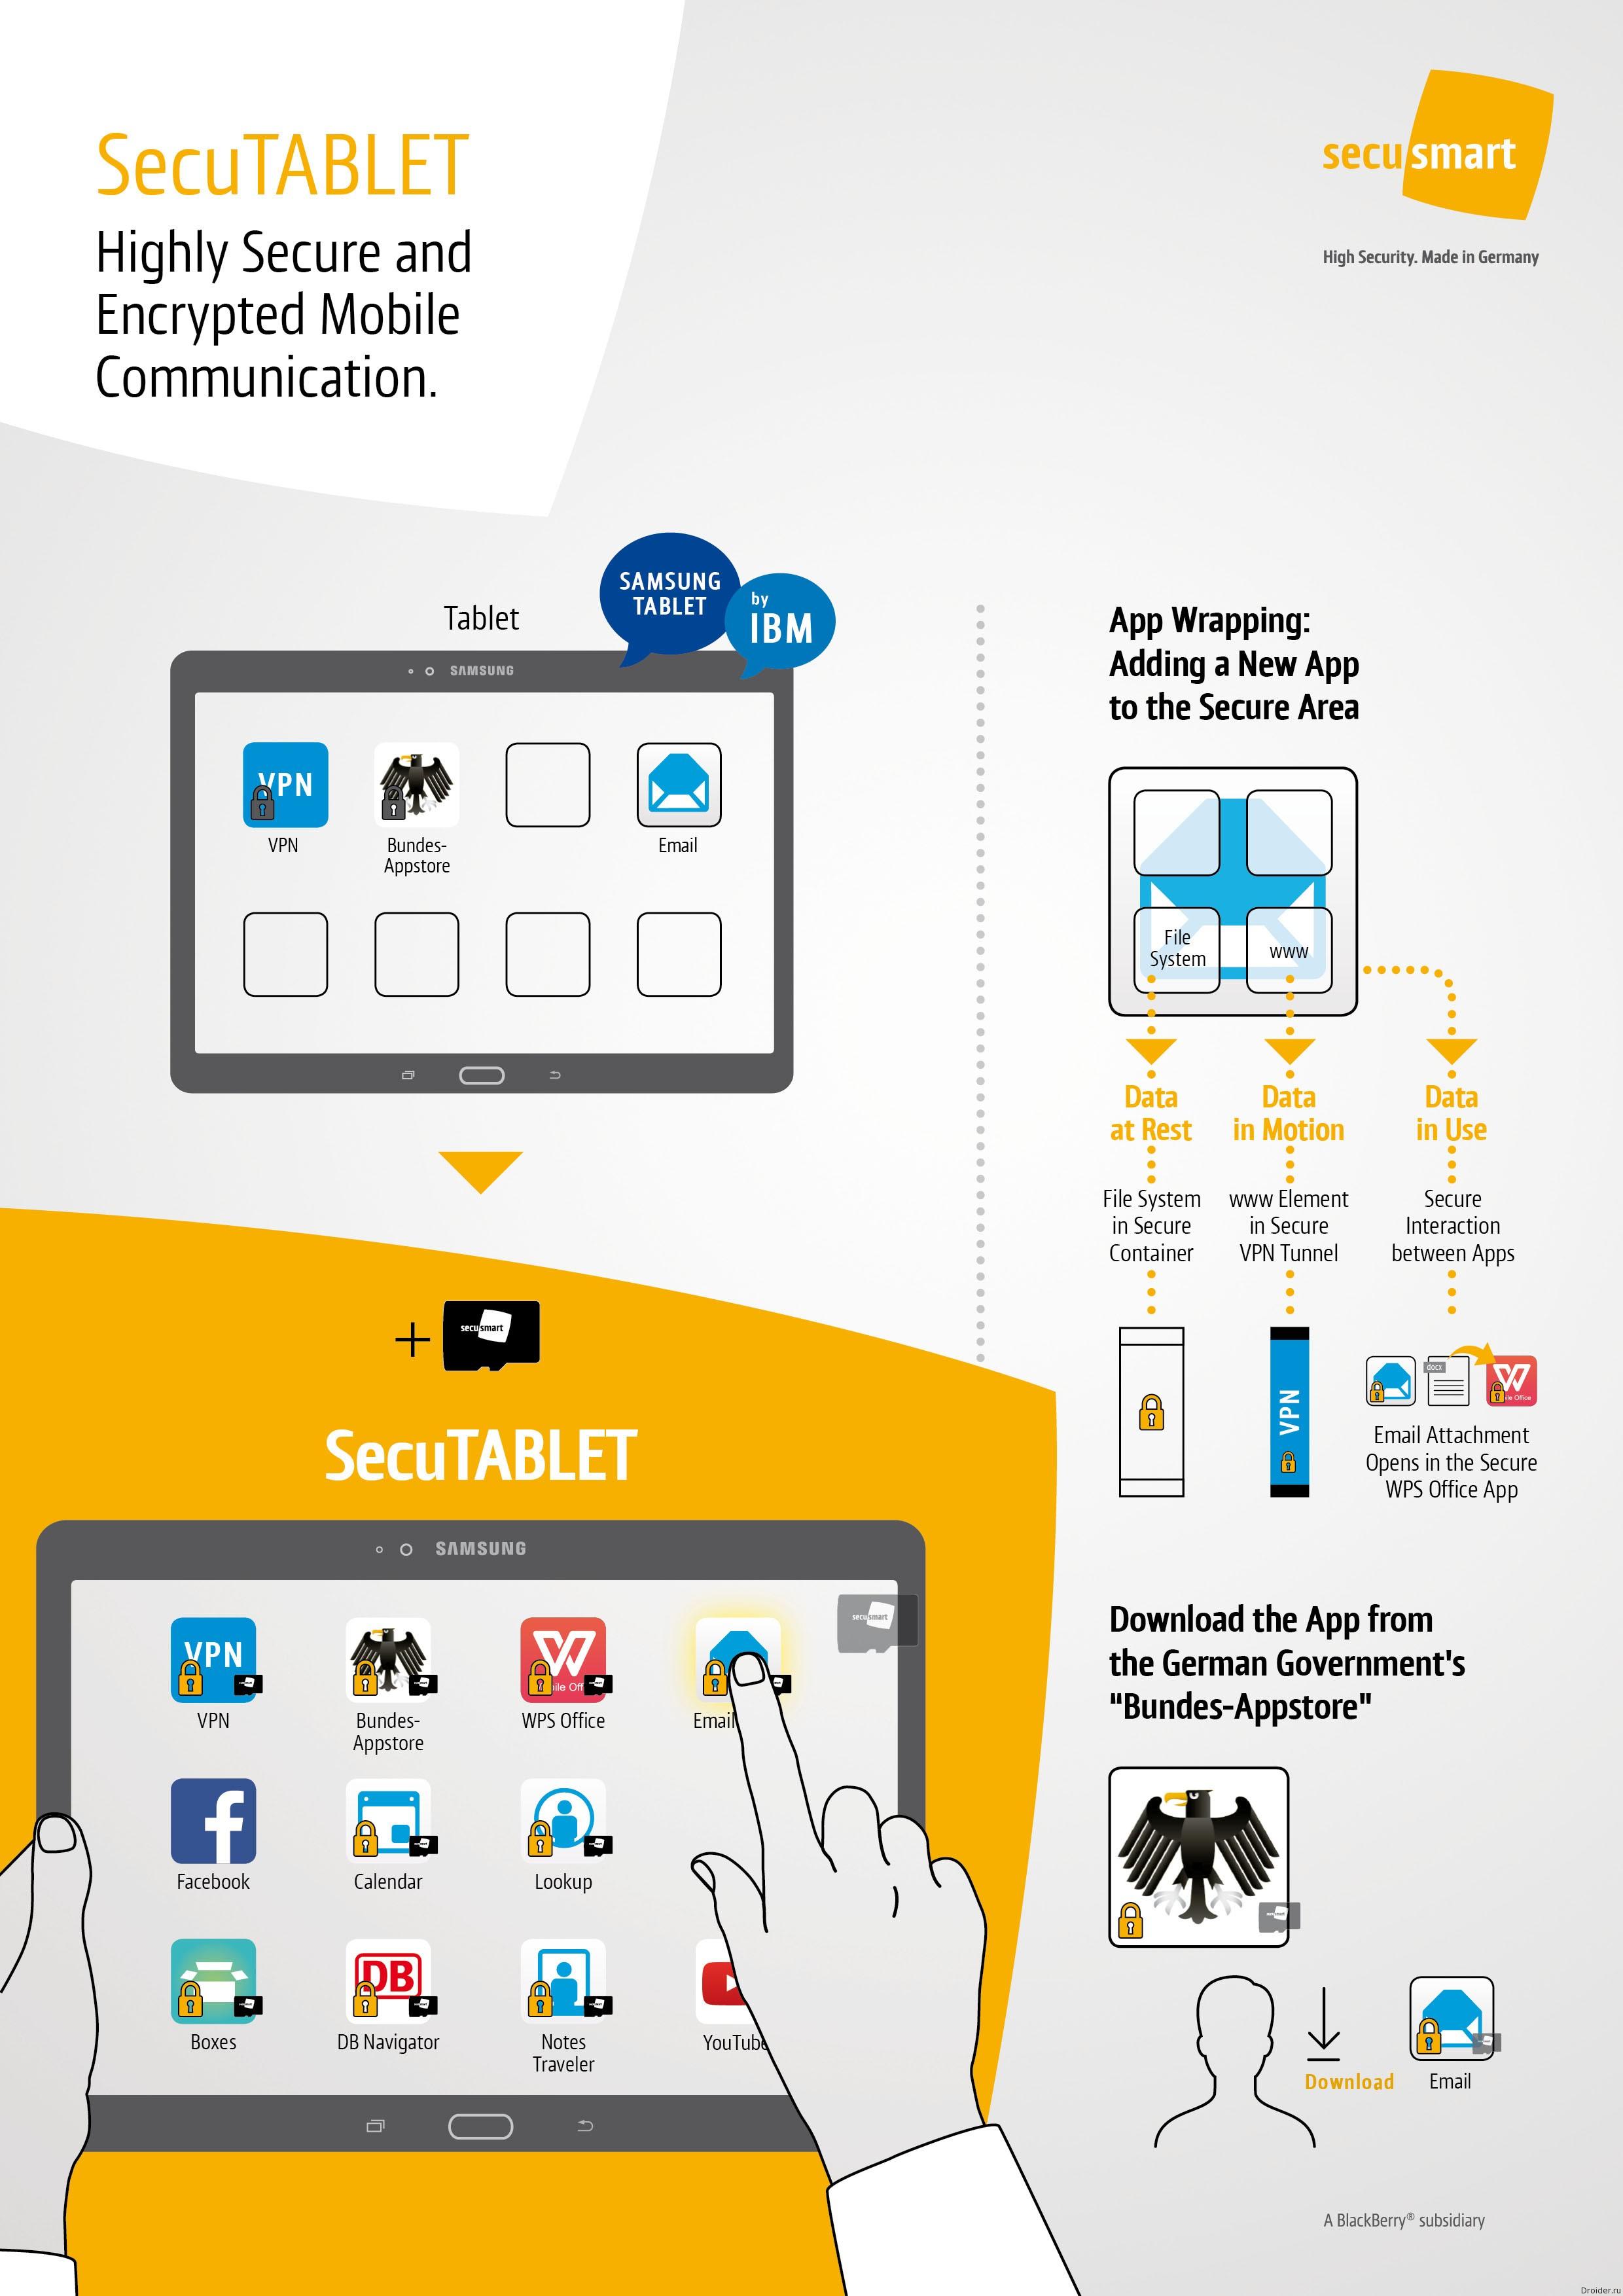 Инфографика по Secusmart